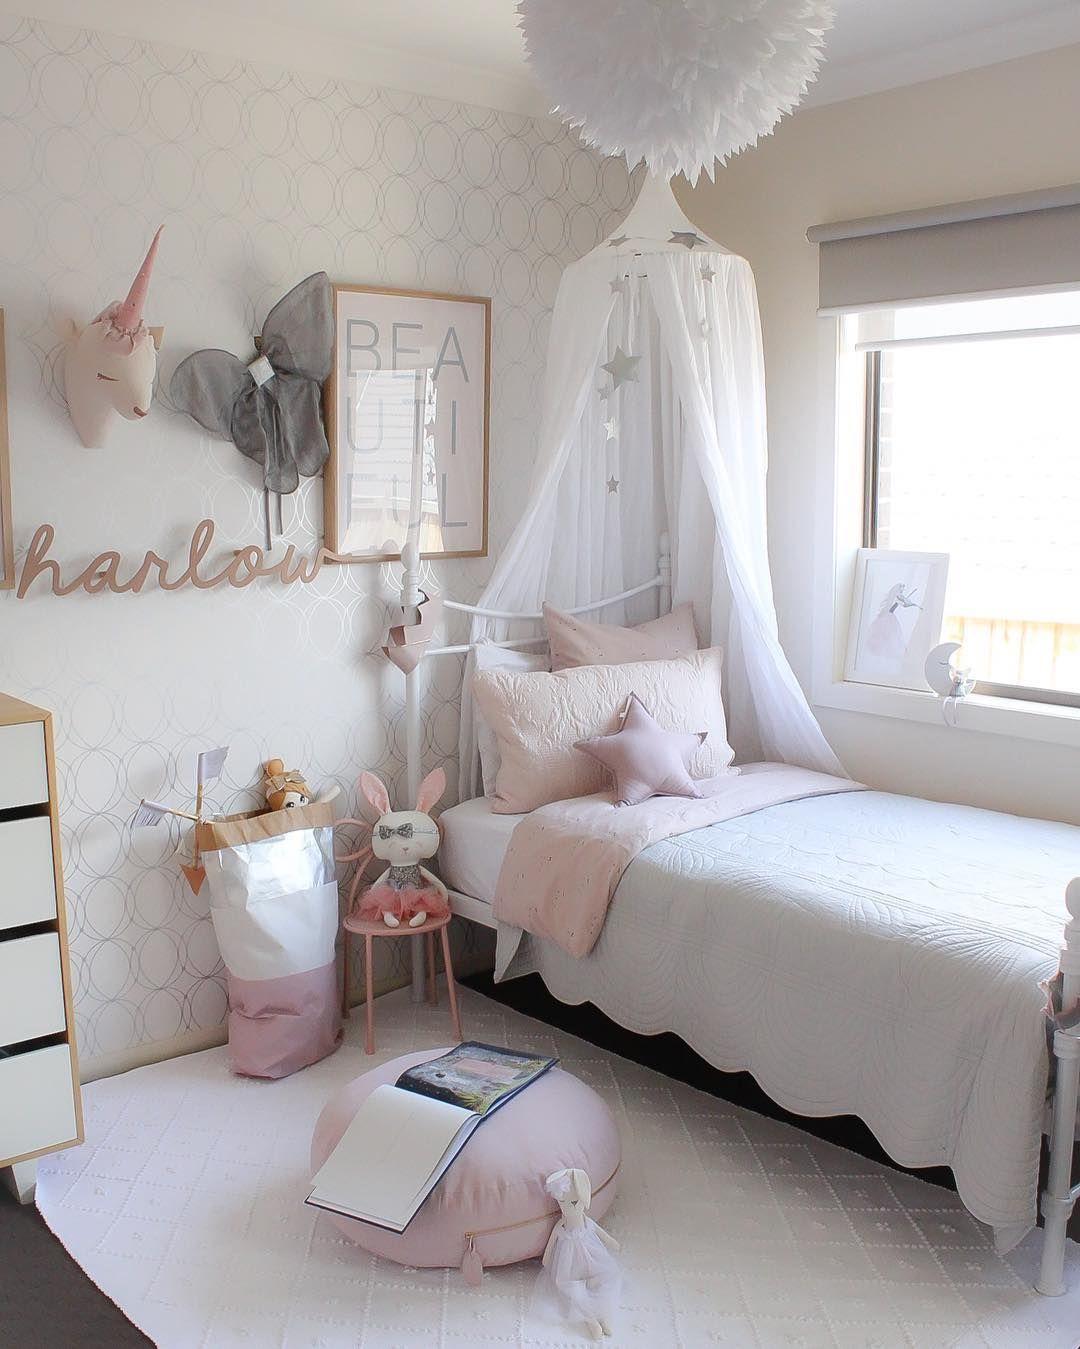 Desain Kamar Tidur Anak Perempuan Sederhana Dekorasi Kamar Tidur